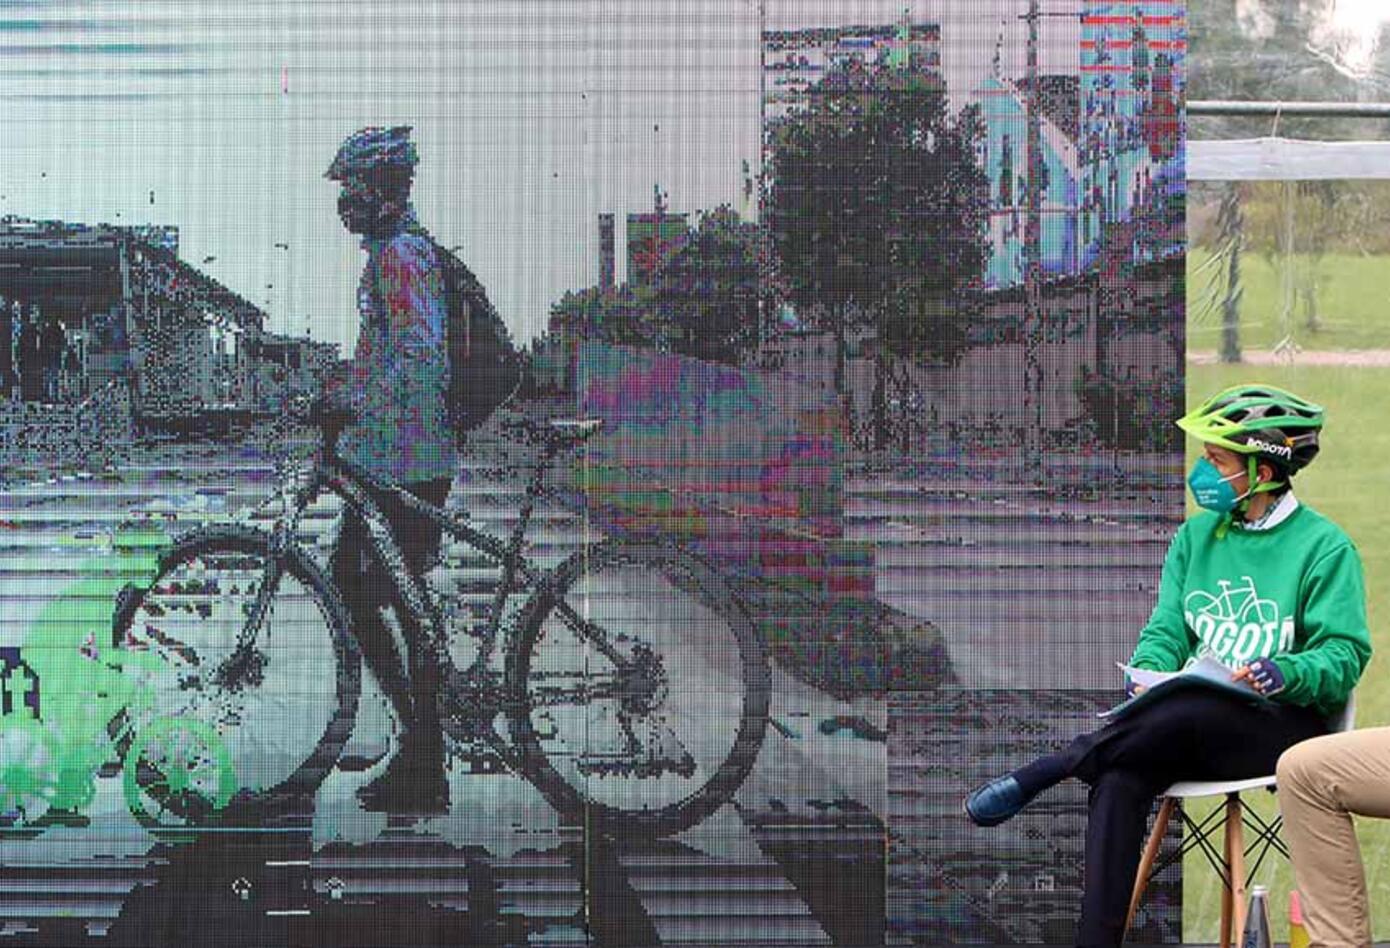 Bicicletas - uso de bicicleta en Bogotá - Claudia López en bicicleta